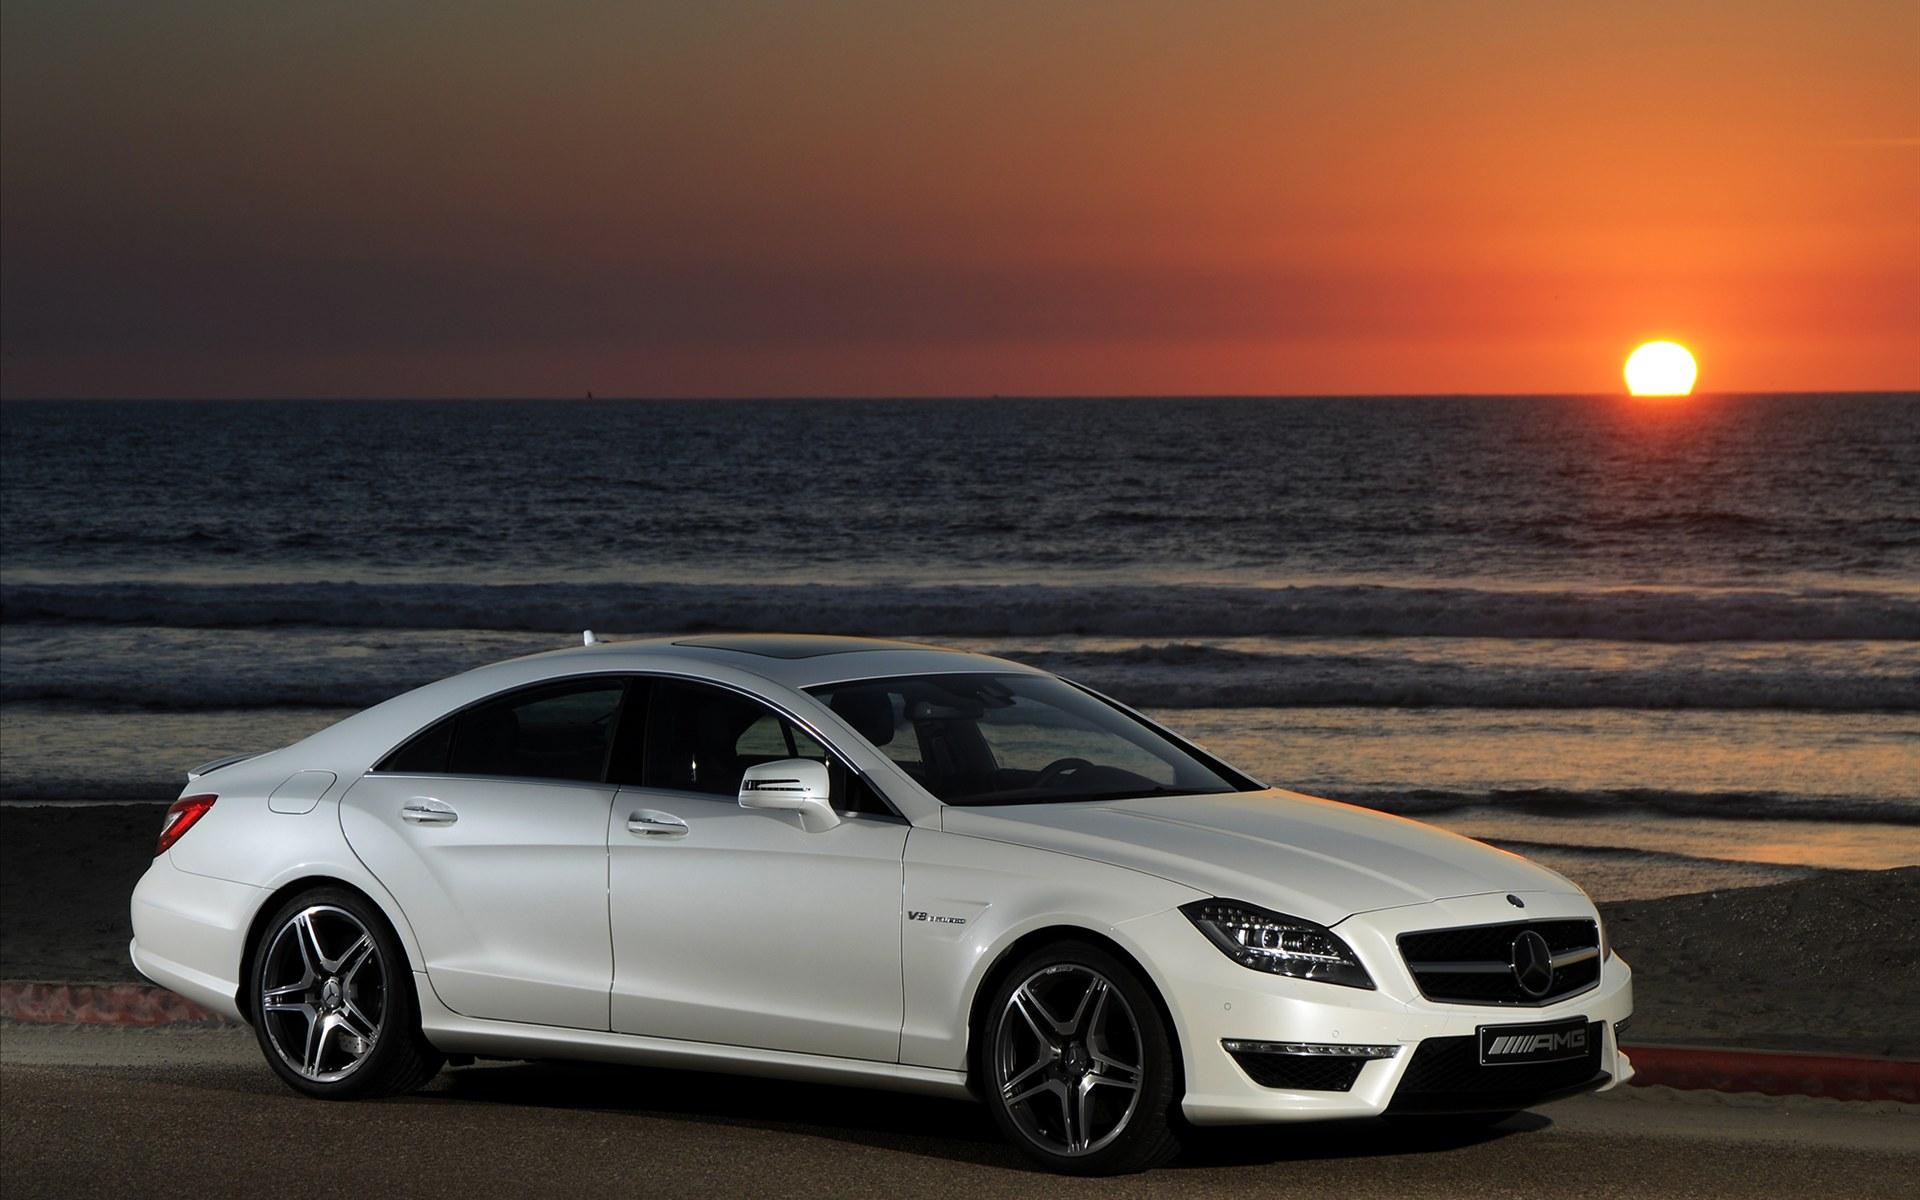 Mercedes cls 63 amg фото